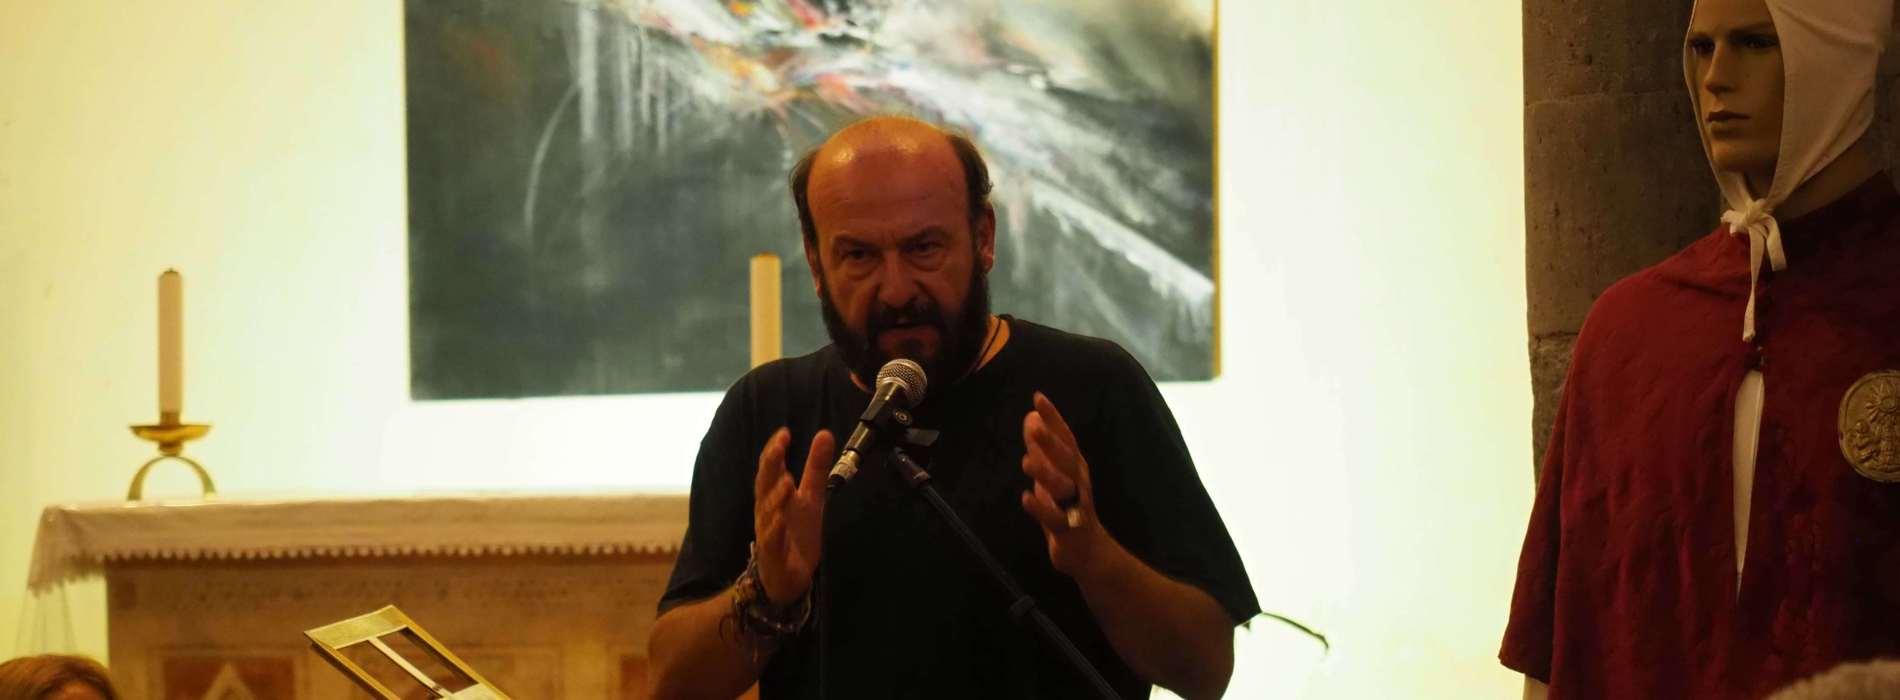 Davide Rondoni e l'Infinito di Leopardi per Un borgo di Libri